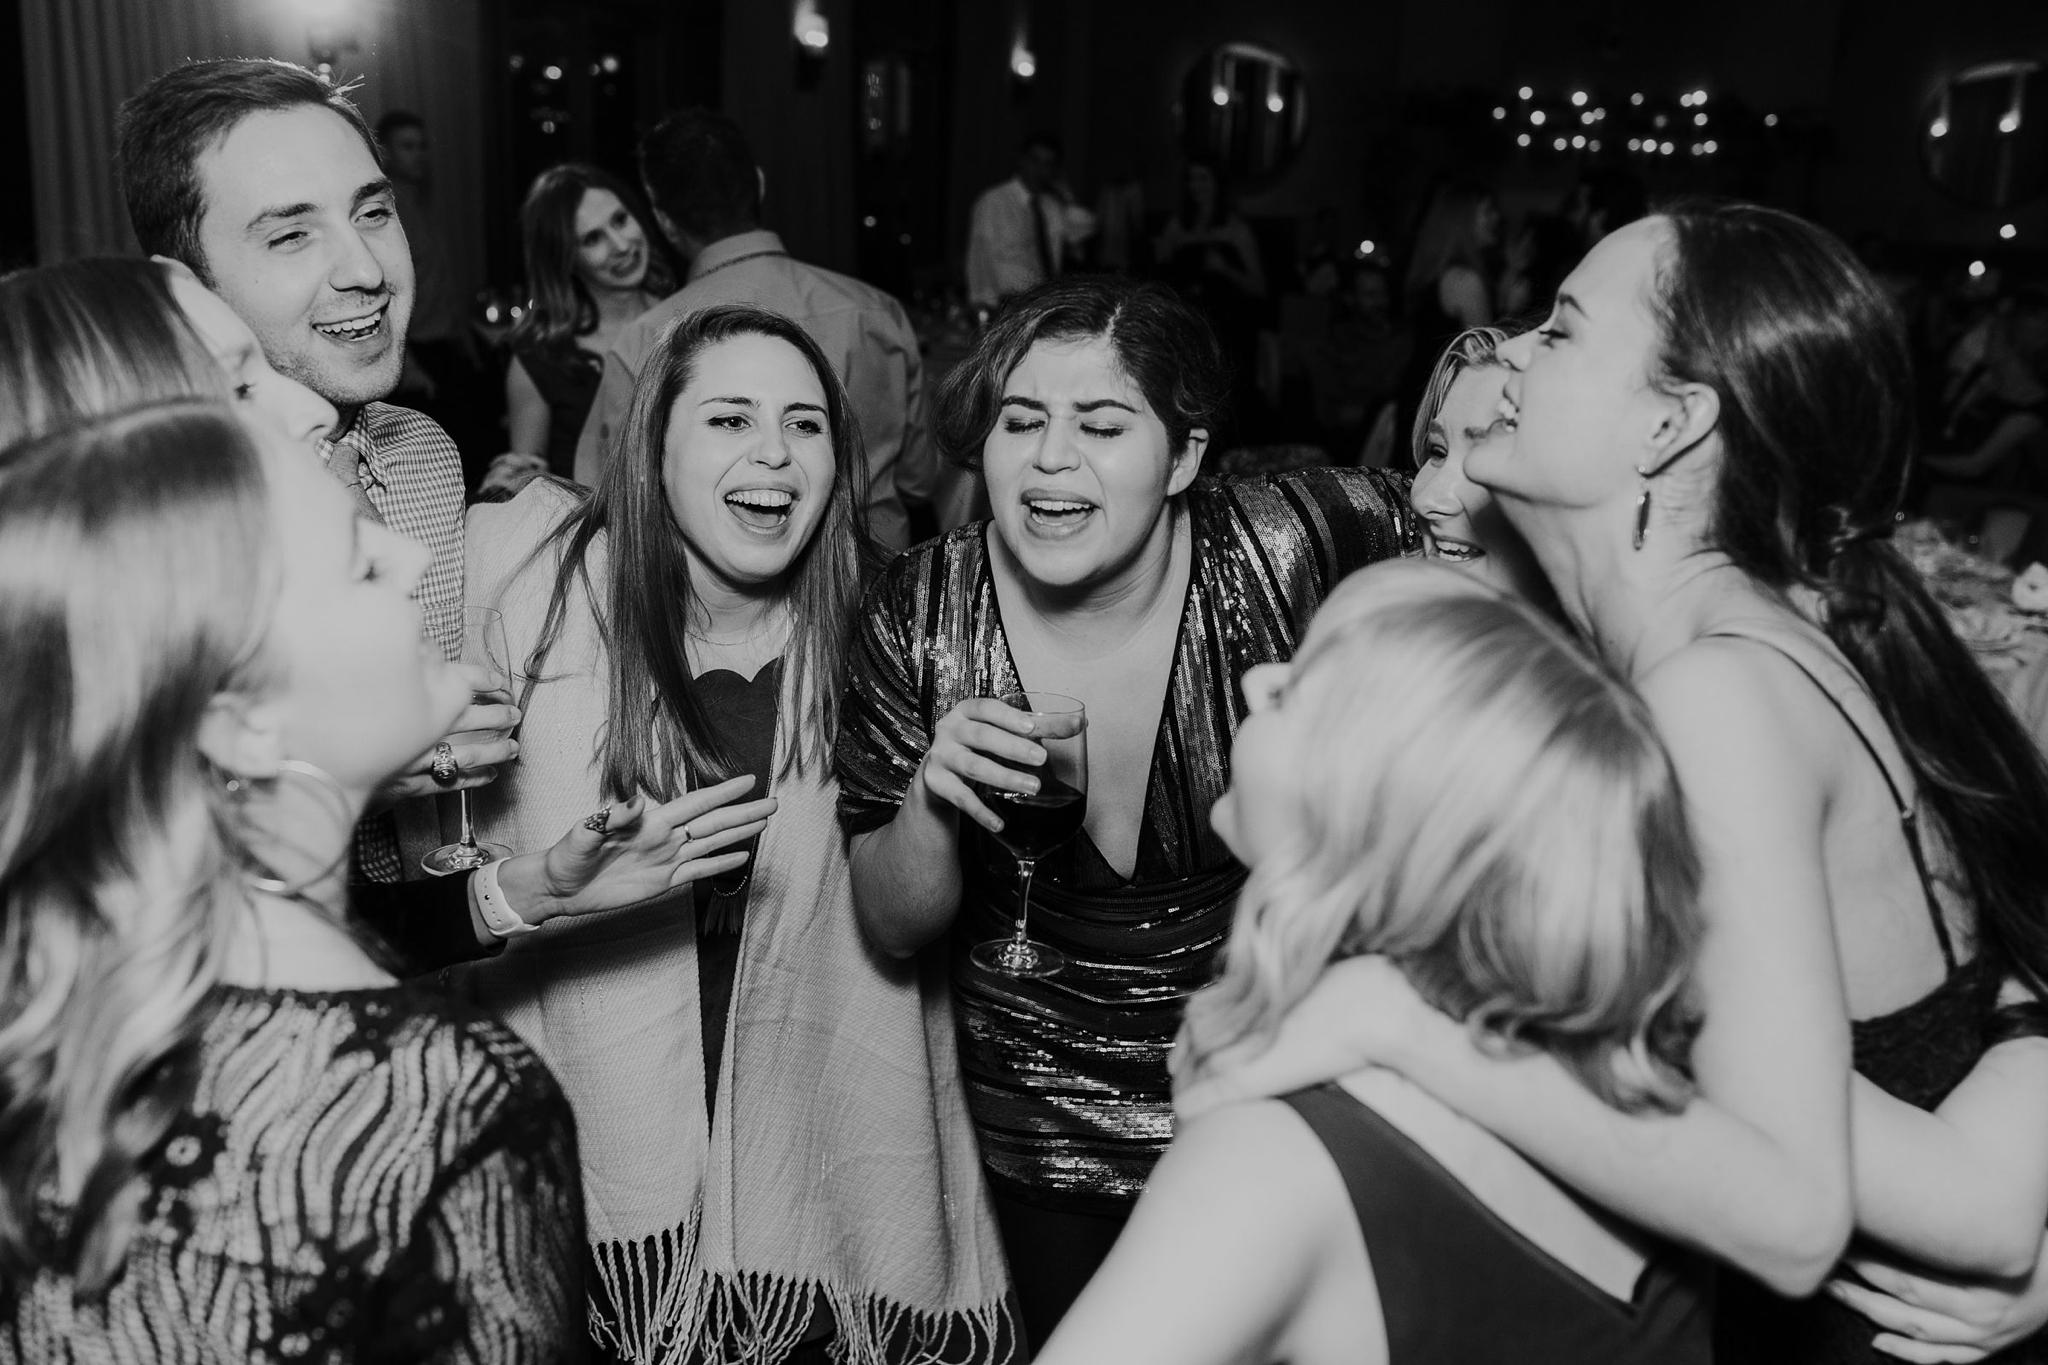 Alicia+lucia+photography+-+albuquerque+wedding+photographer+-+santa+fe+wedding+photography+-+new+mexico+wedding+photographer+-+new+mexico+wedding+-+santa+fe+wedding+-+four+seasons+wedding+-+winter+wedding_0153.jpg